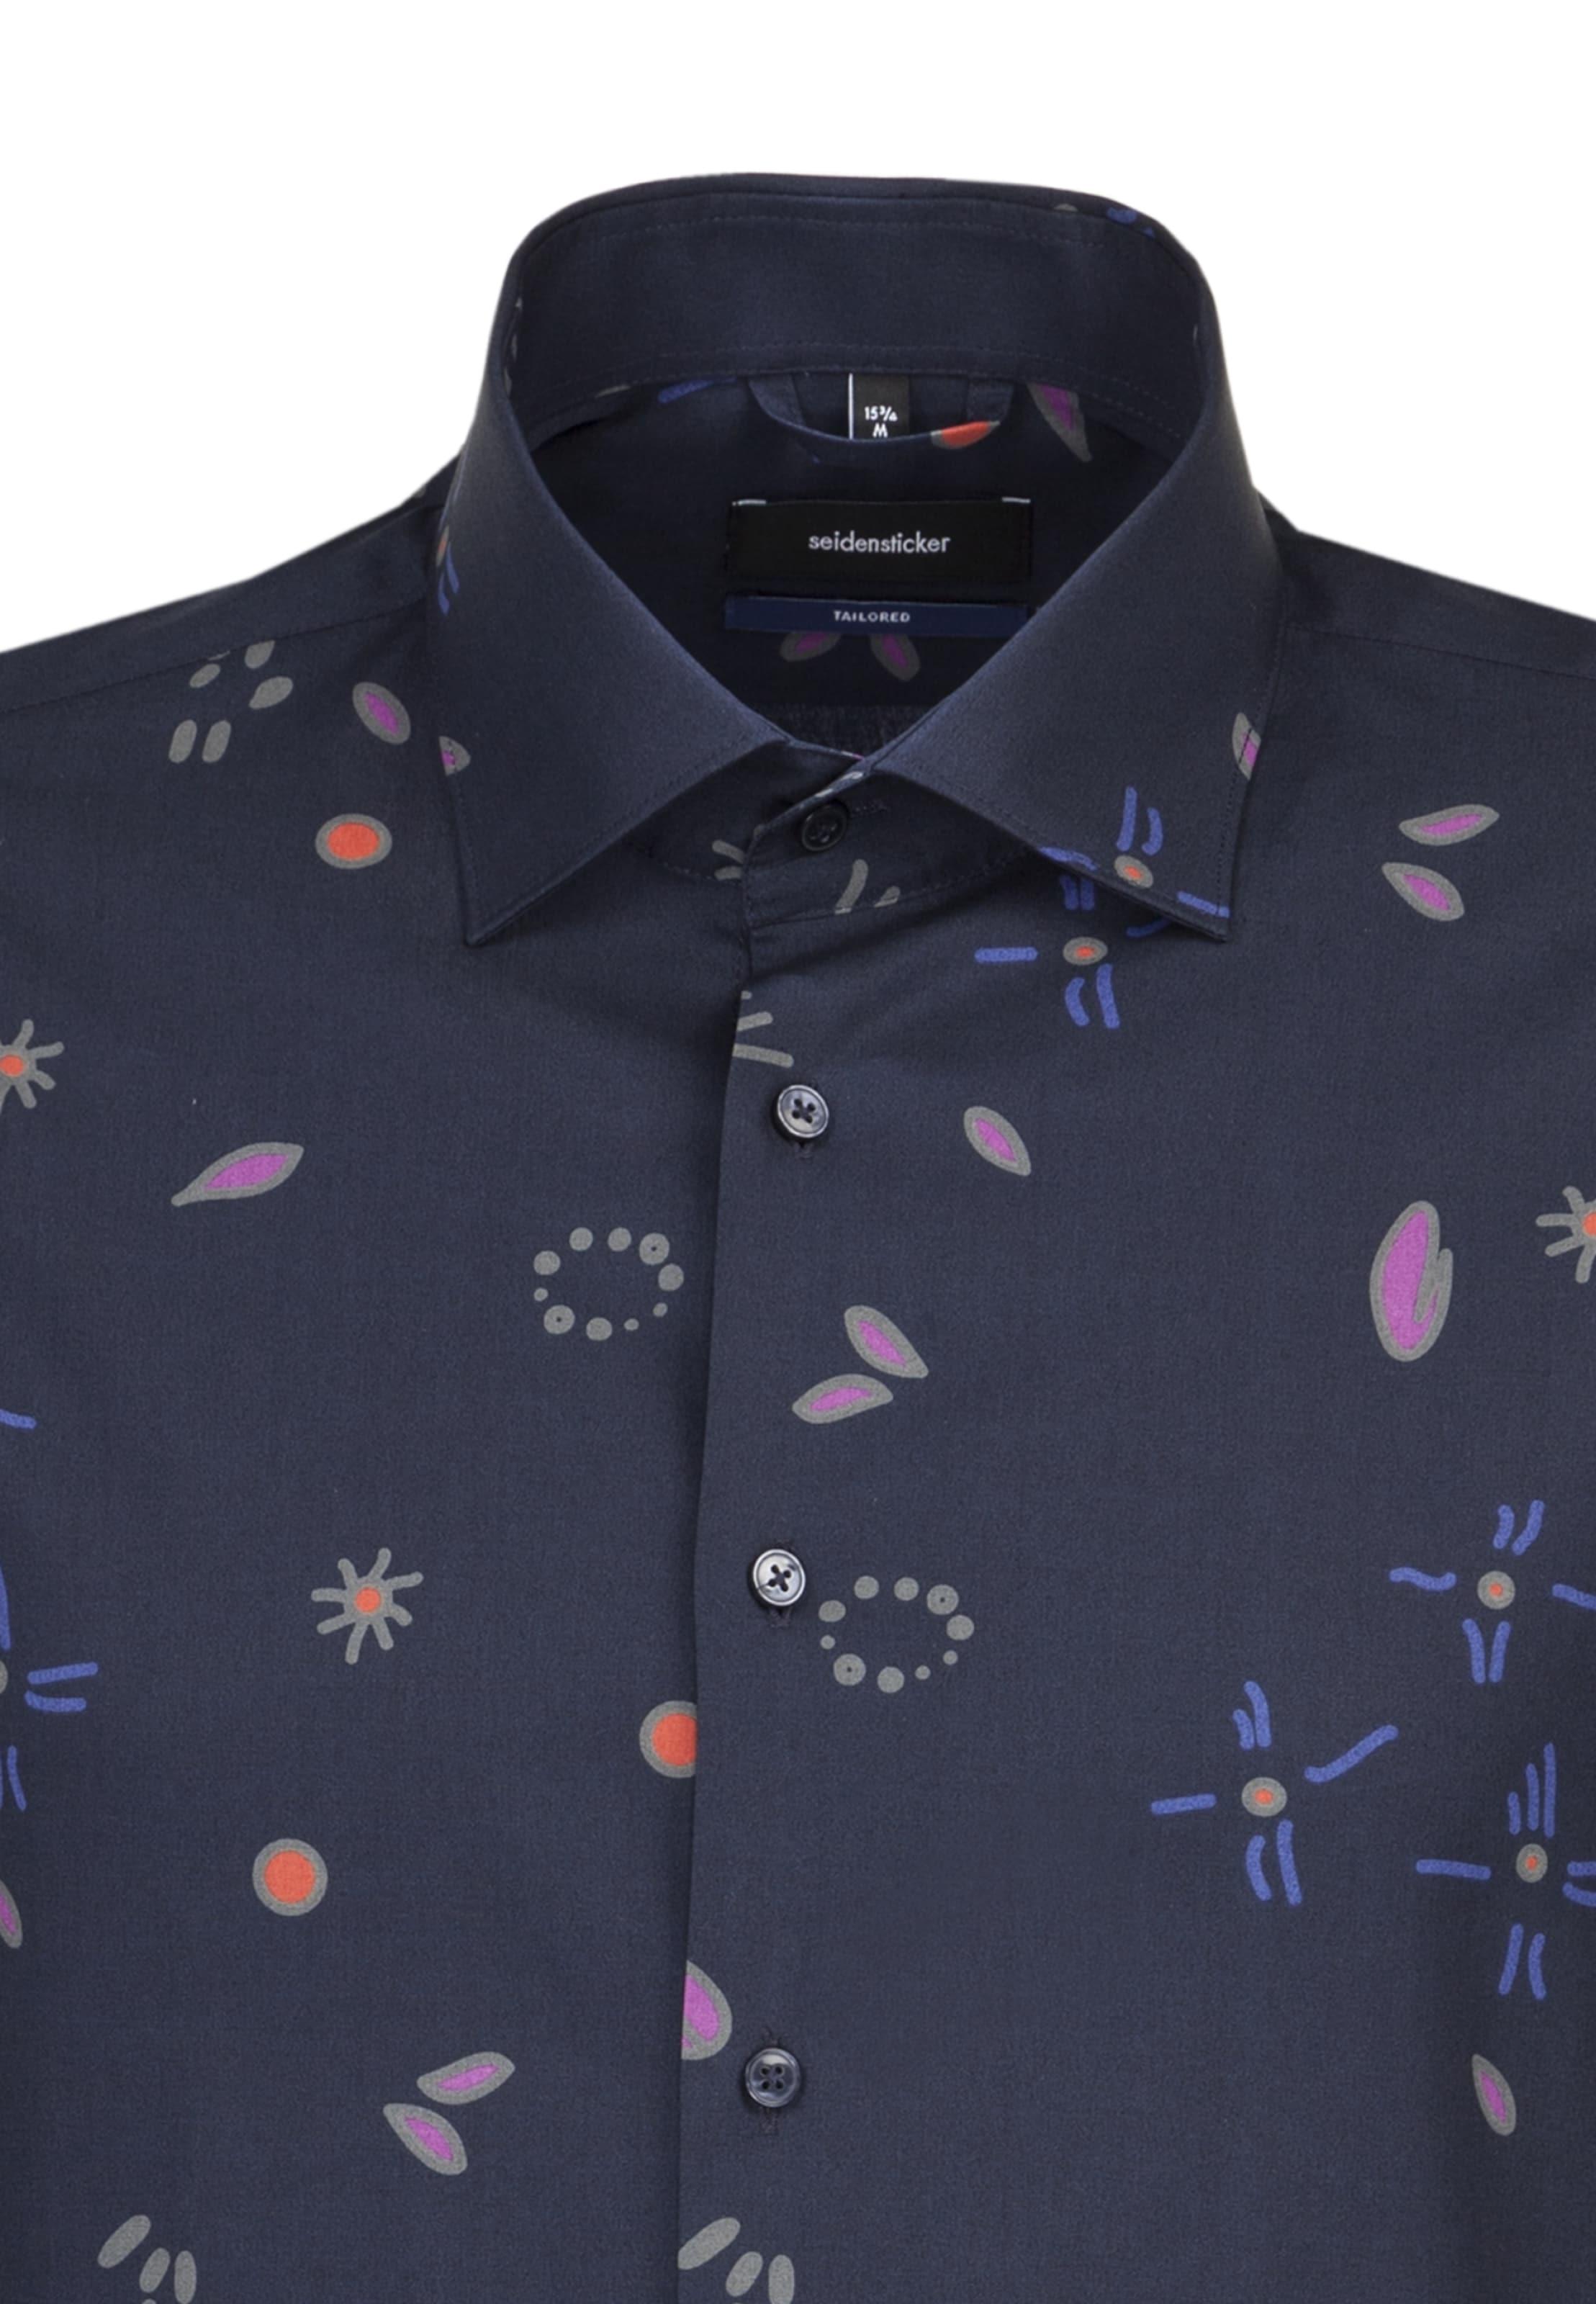 Hemd NachtblauMischfarben In In Seidensticker Seidensticker Hemd Seidensticker Hemd NachtblauMischfarben xoeWrBdC